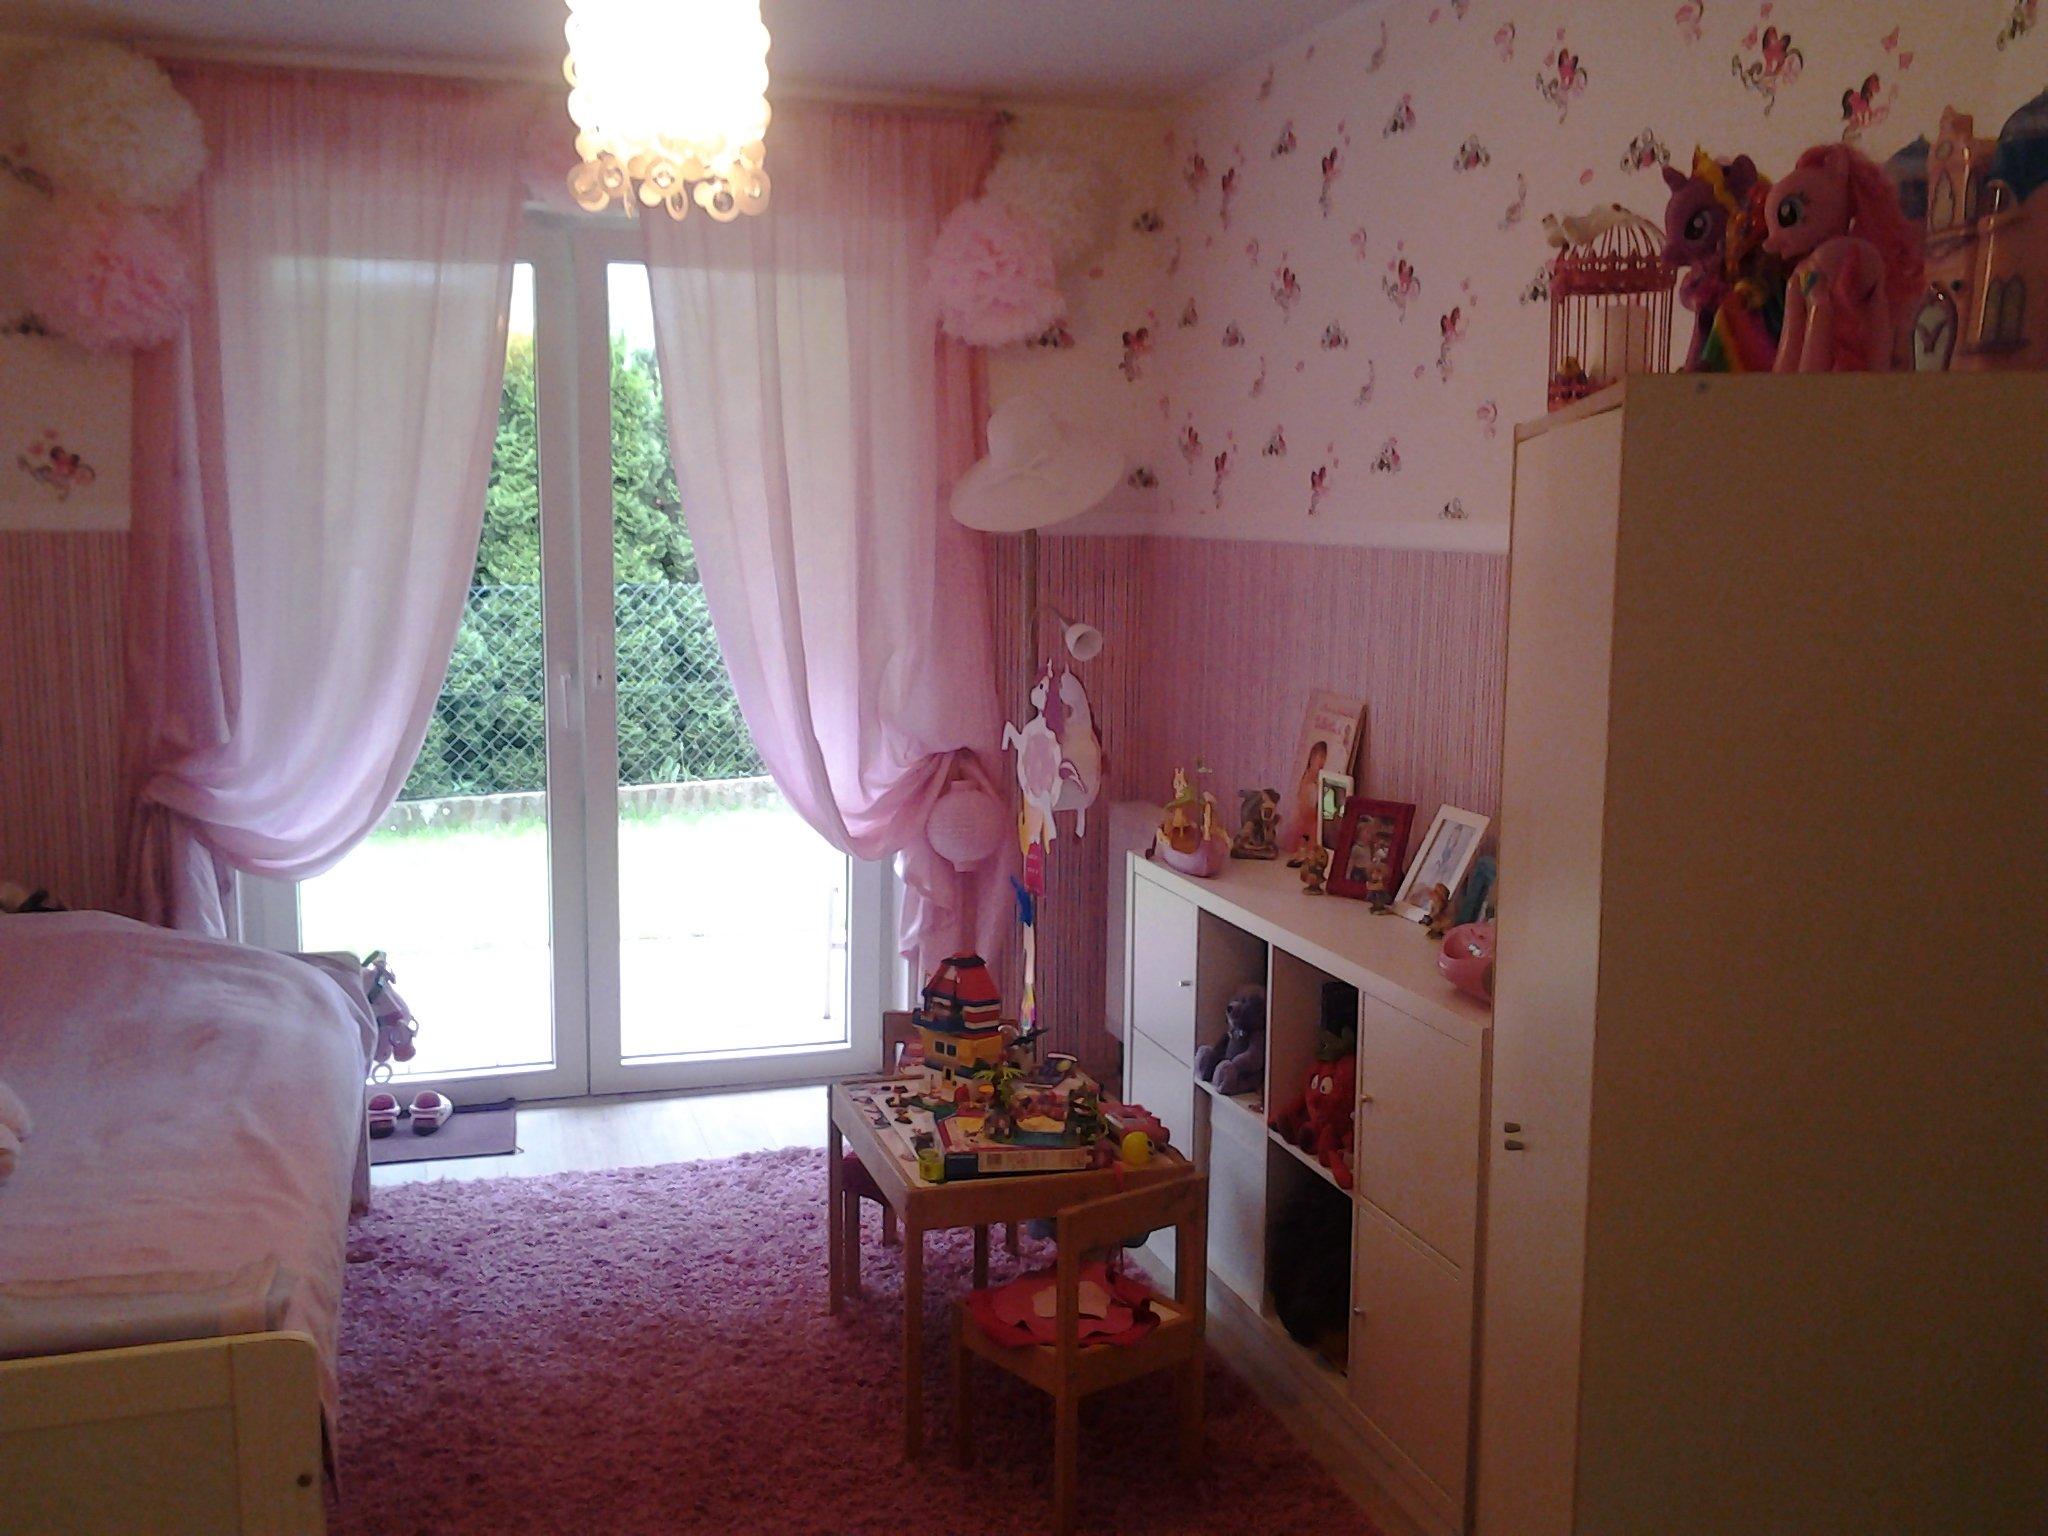 Kinderzimmer \'Kinderschlafzimmer für vierjährige Mädchen\' - Mein ...